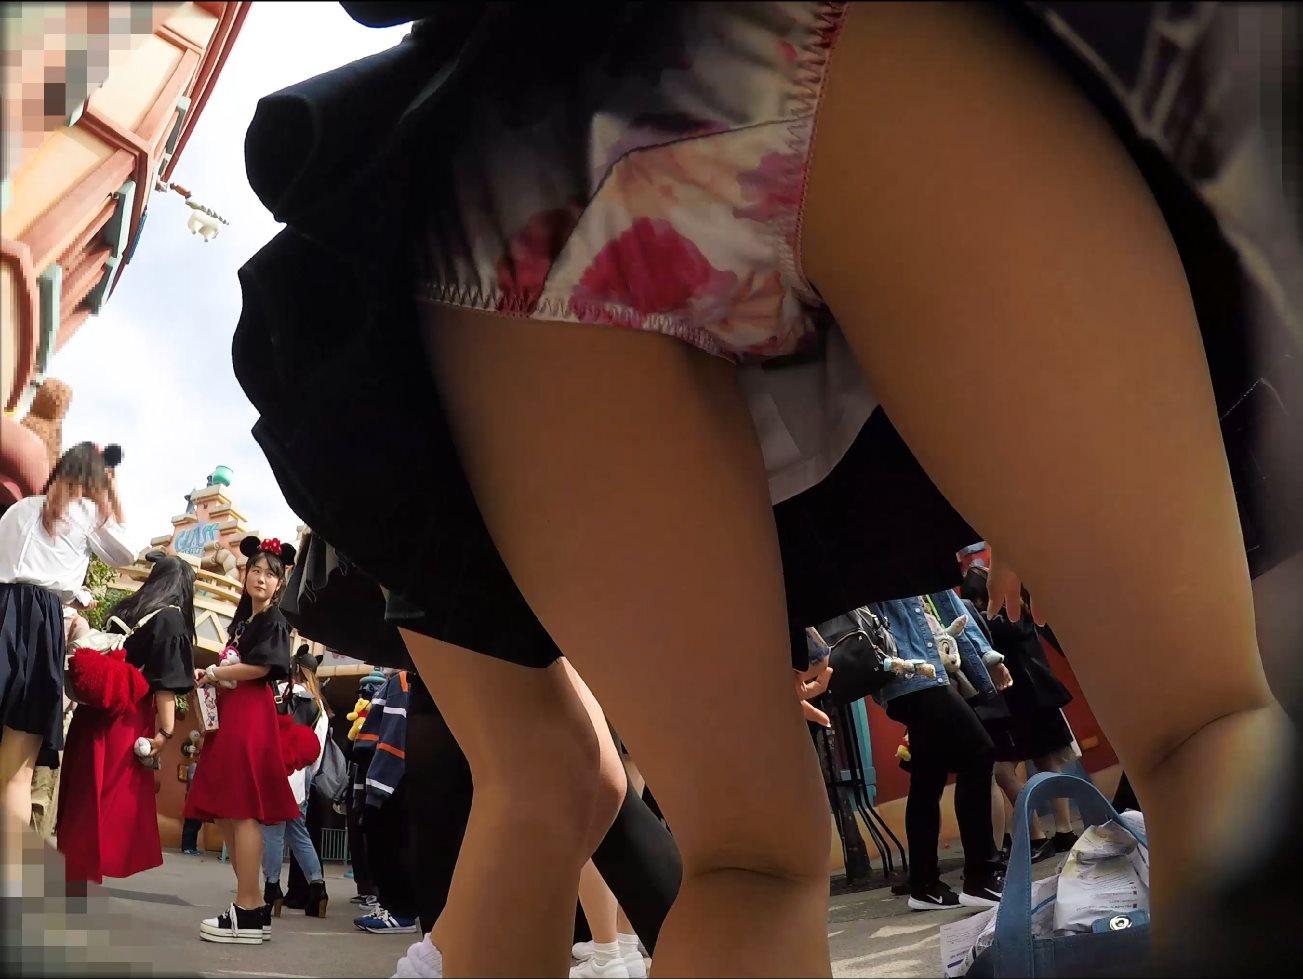 横浜のJKさん、ミニスカ過ぎてパンツ丸見えwwwwwwwwwwww GhwsJBw